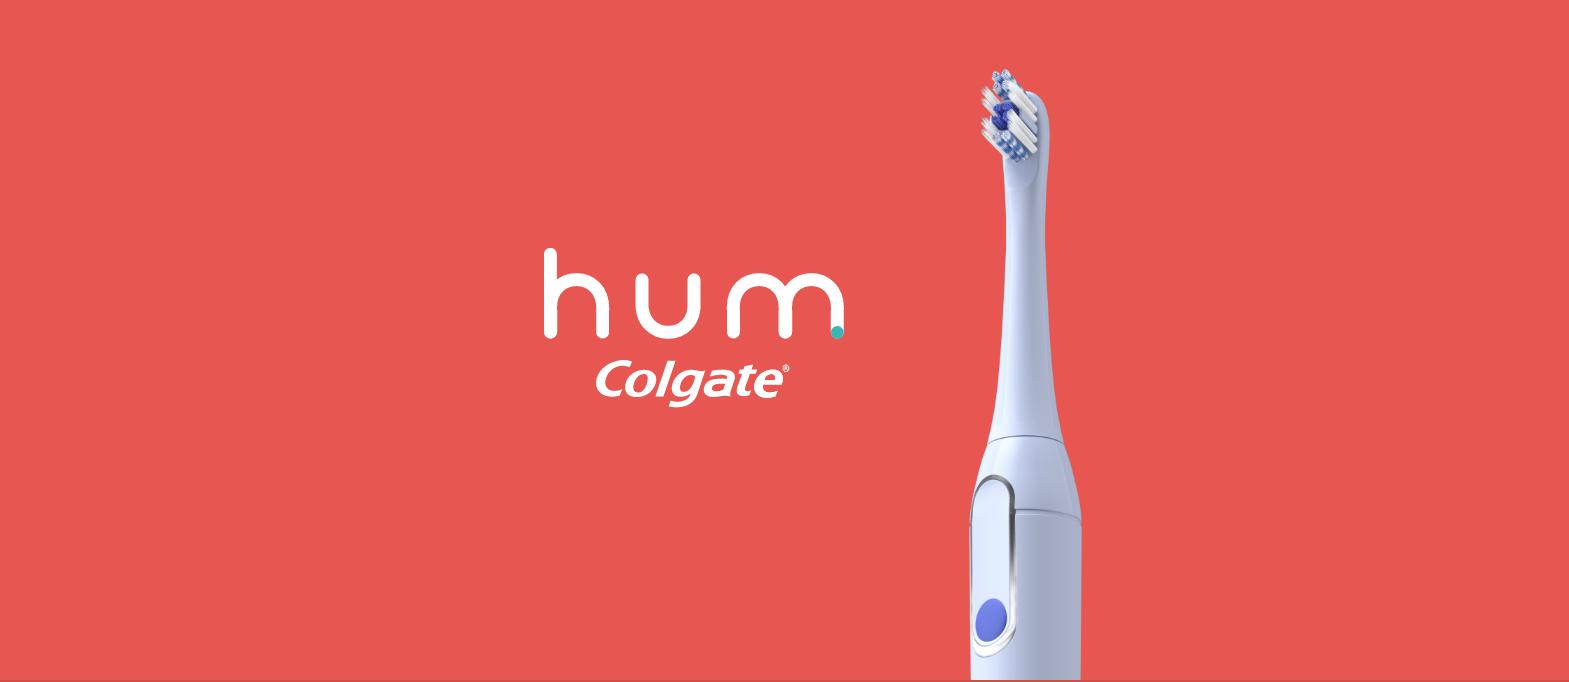 Colgate Hum